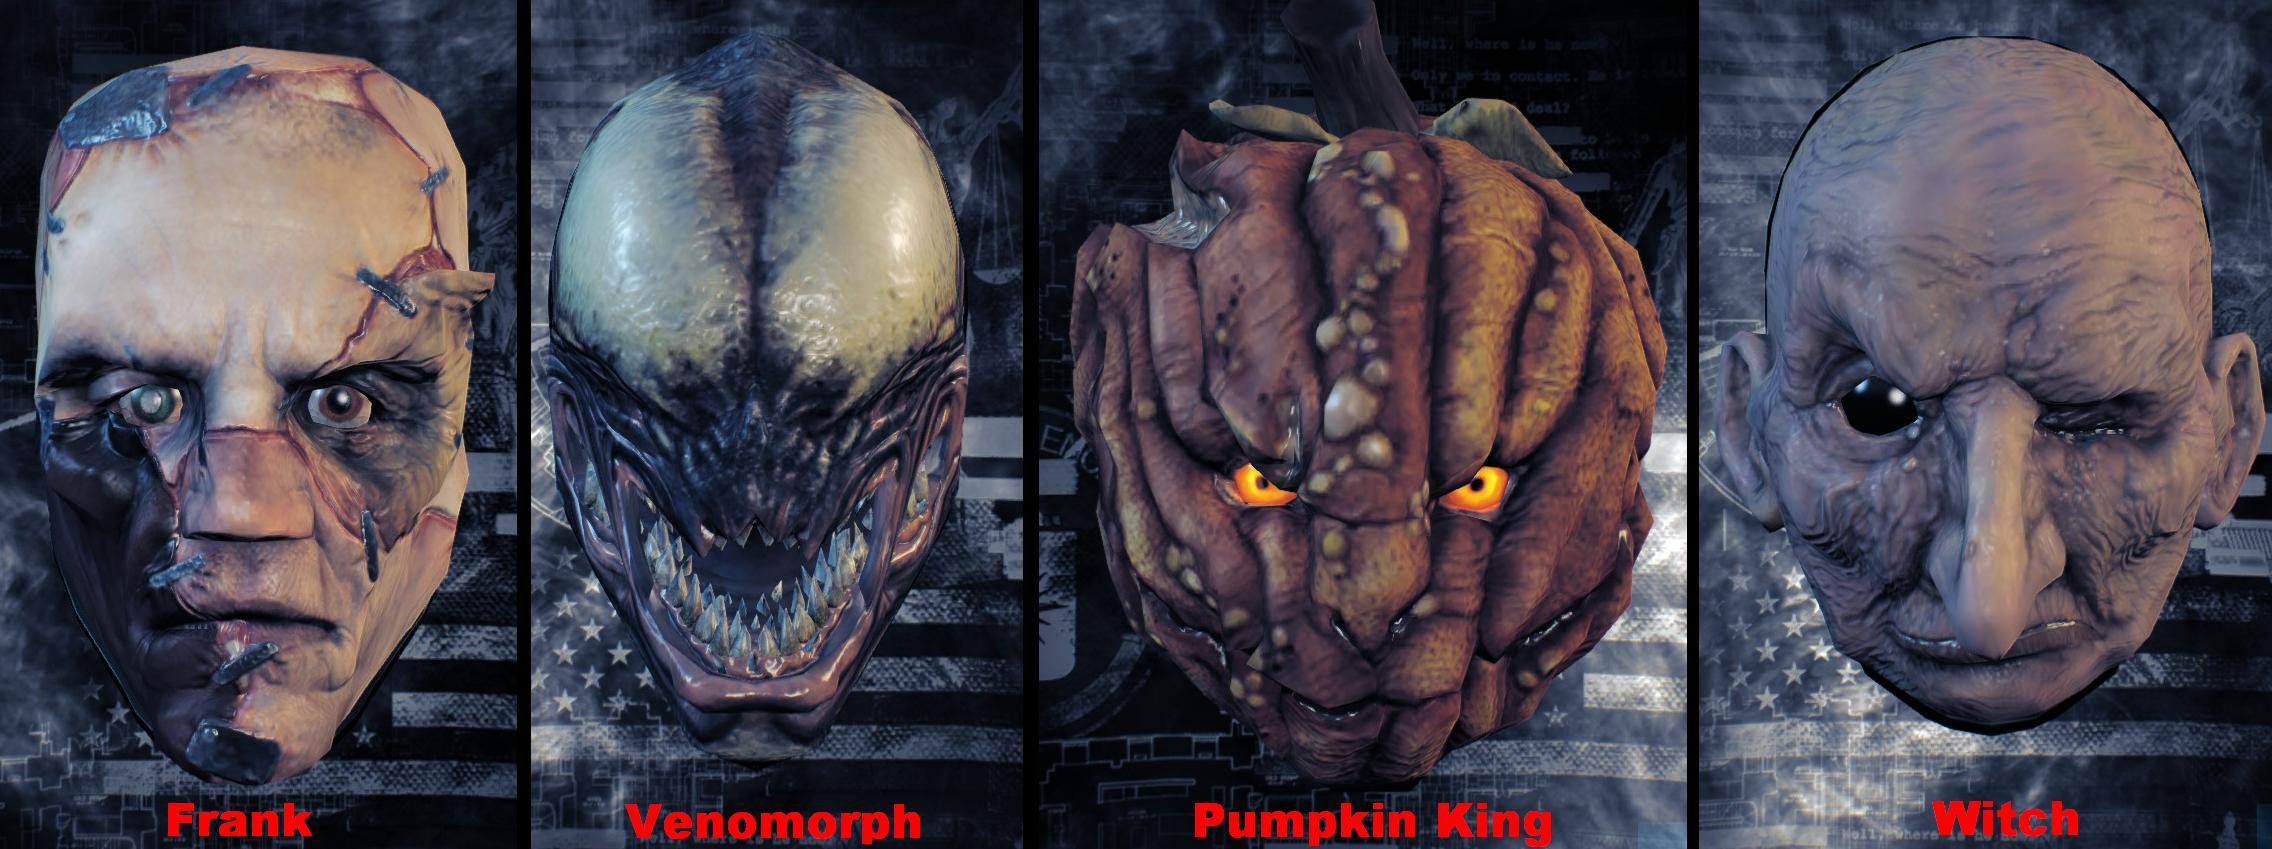 halloween masks - Tf2 Halloween Masks